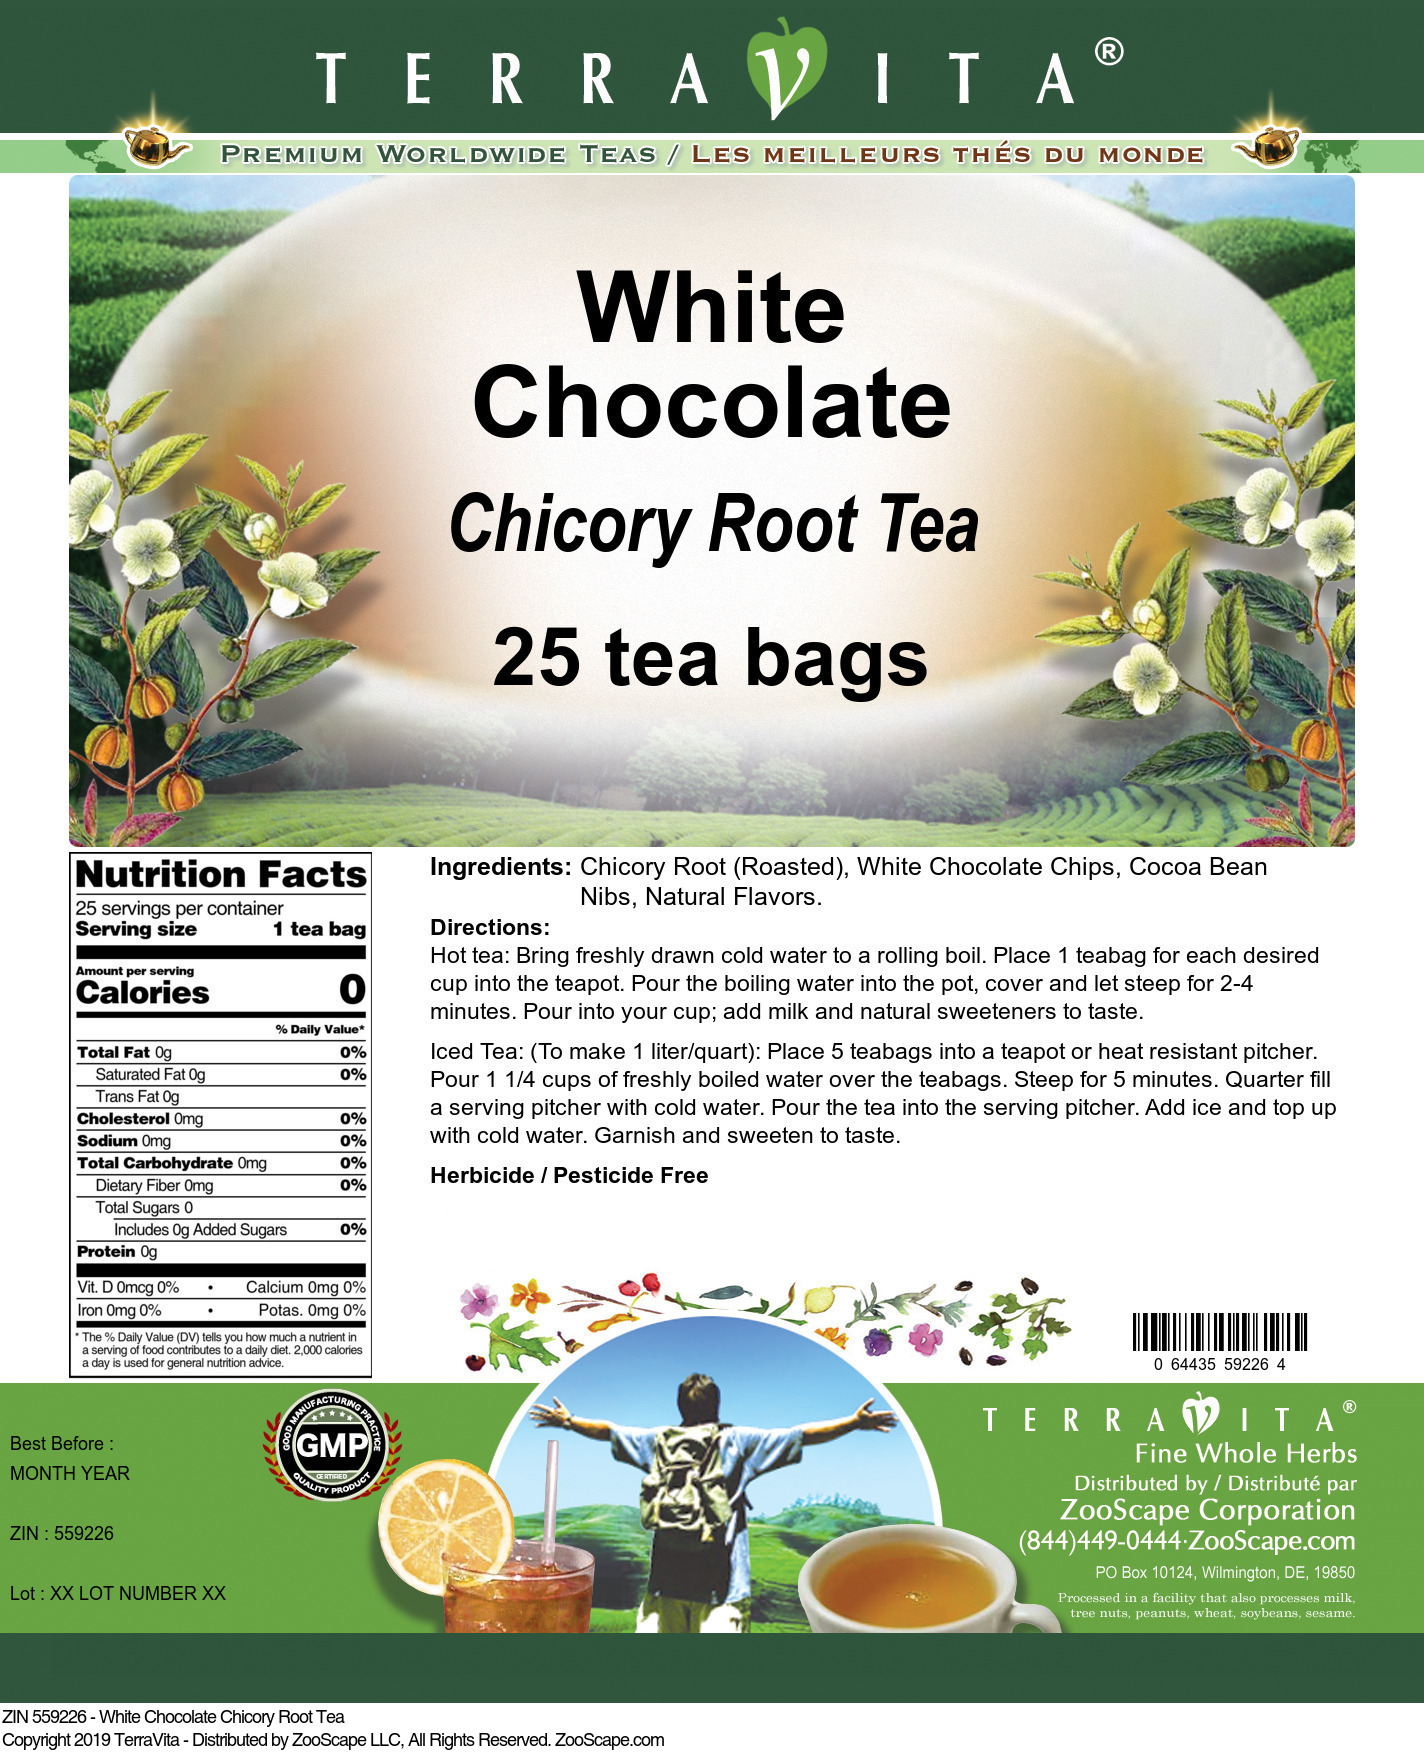 White Chocolate Chicory Root